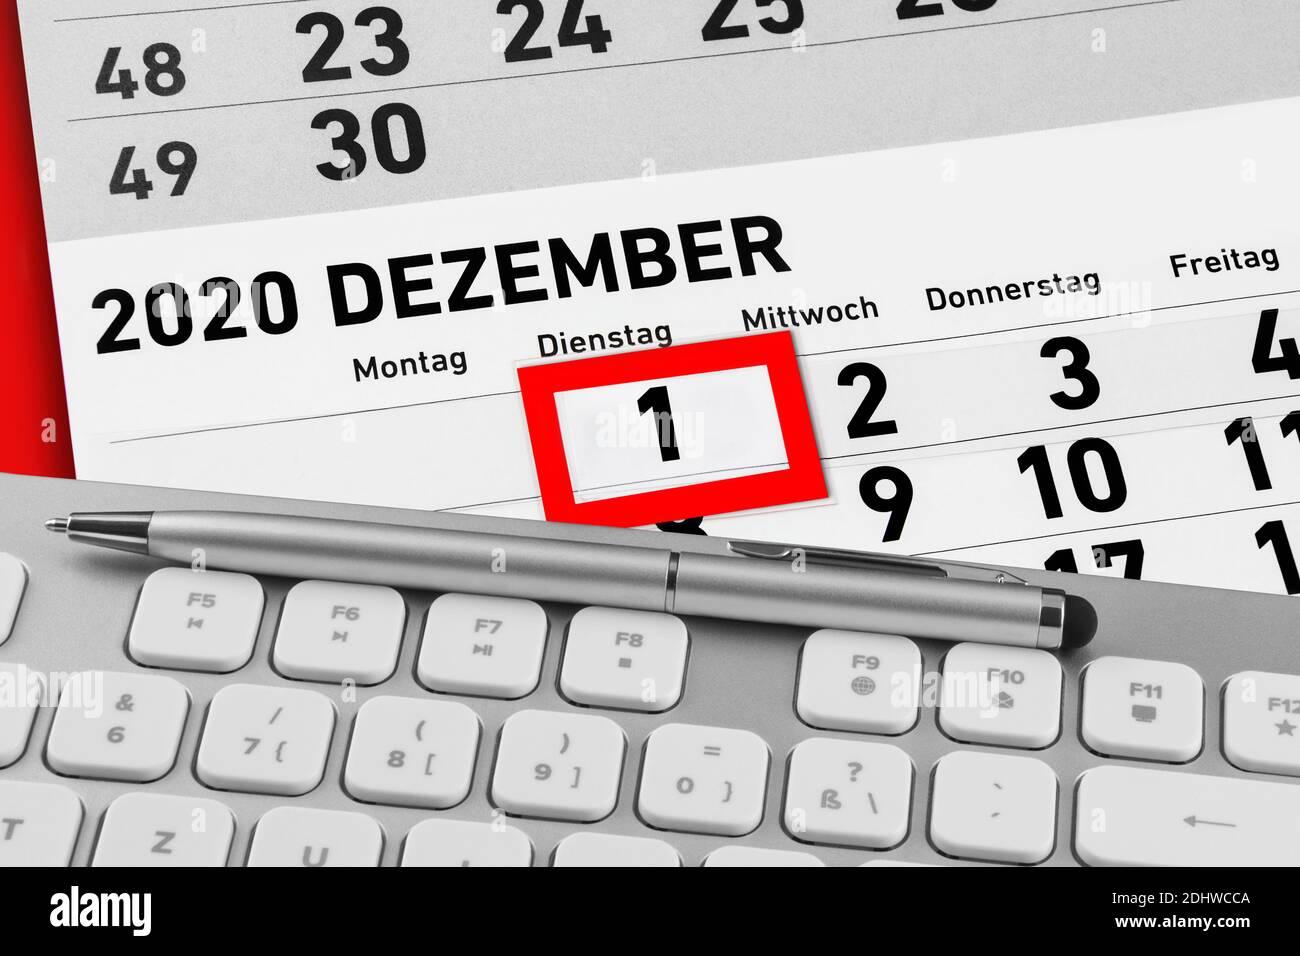 Kalender und Keyboard Dezember 2020 Foto de stock